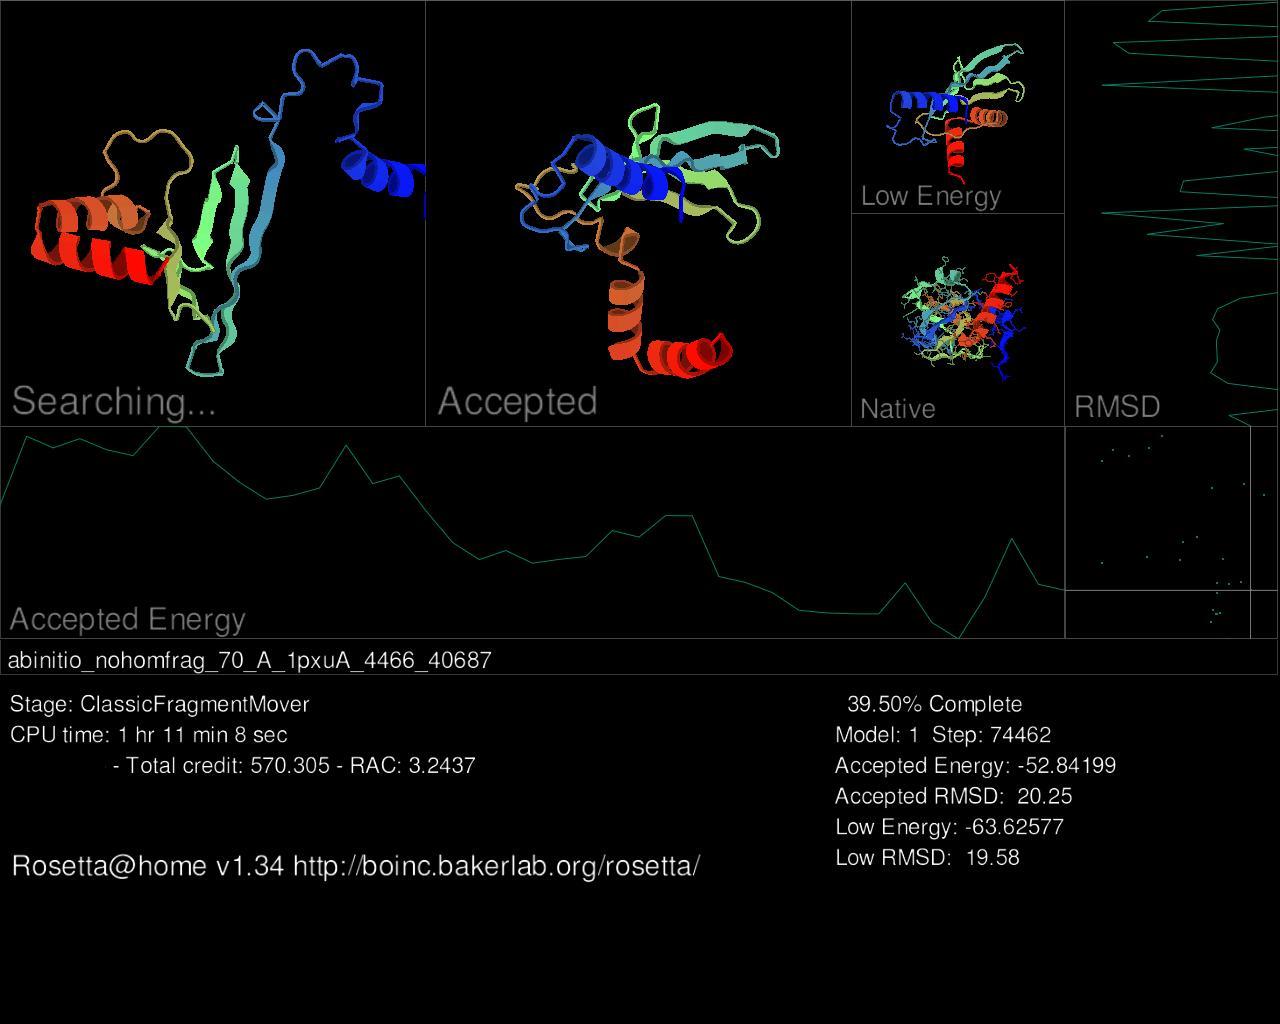 Projektempfehlungen für BOINC   Der Wirtschaftsingenieur.de Rosetta@home